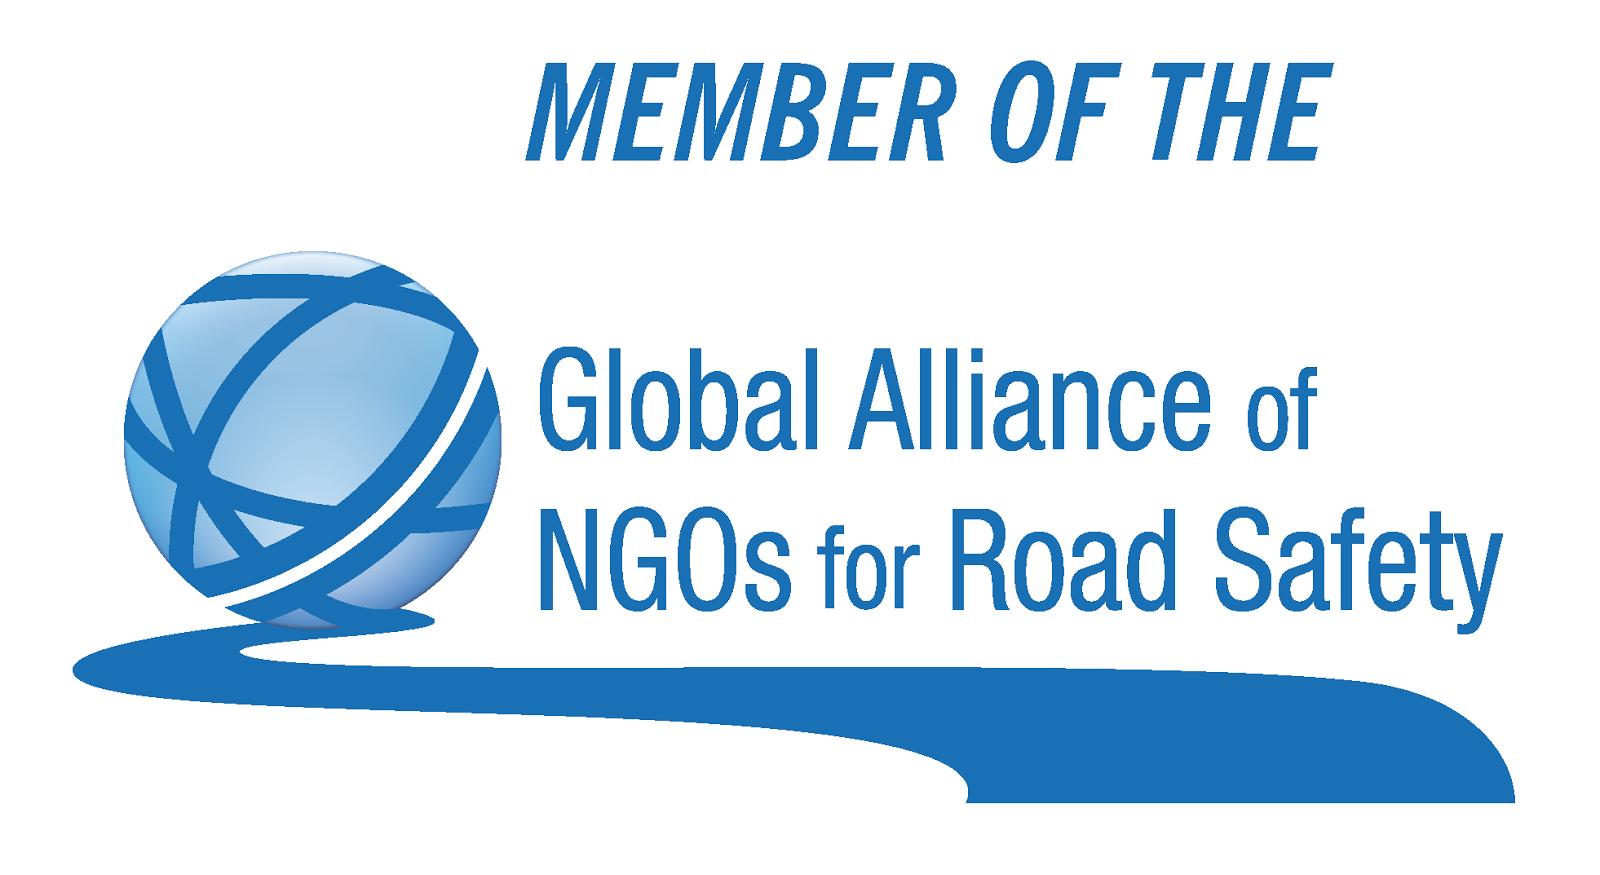 Alianza Global de ONGs por la Seguridad Vial